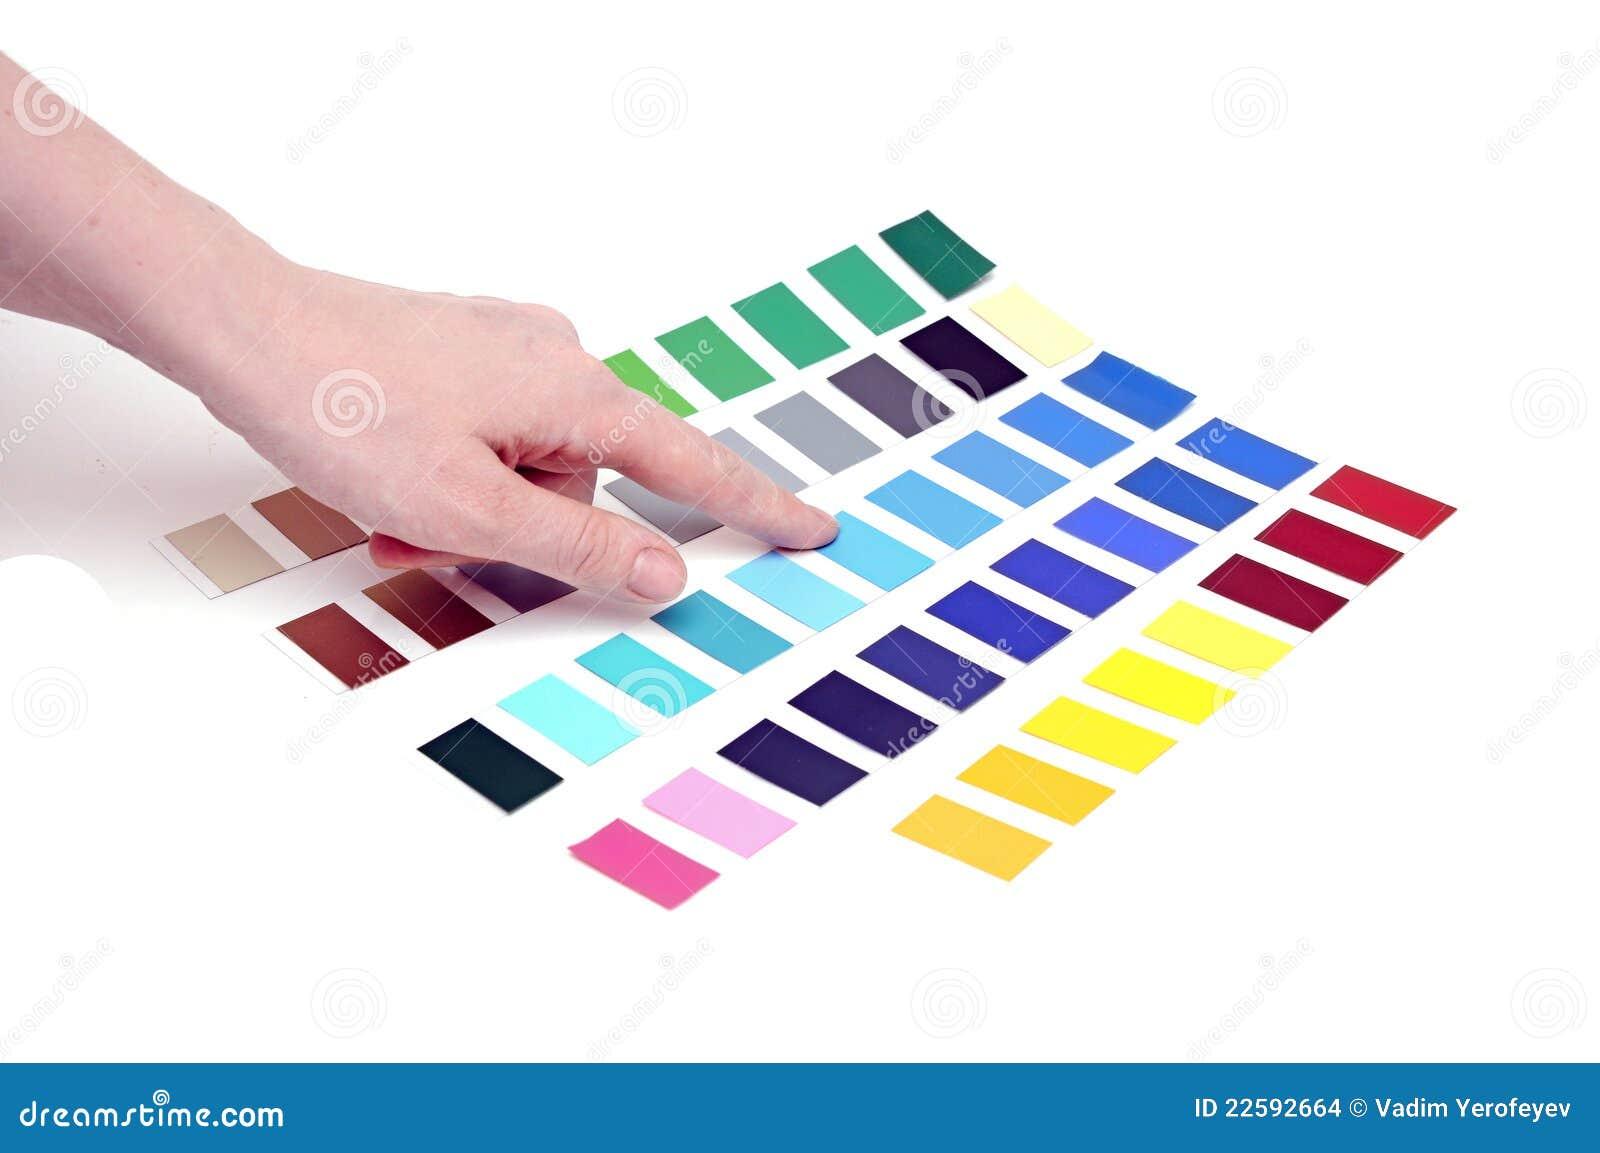 choix de la couleur de l'échelle de couleurs photo stock - image du